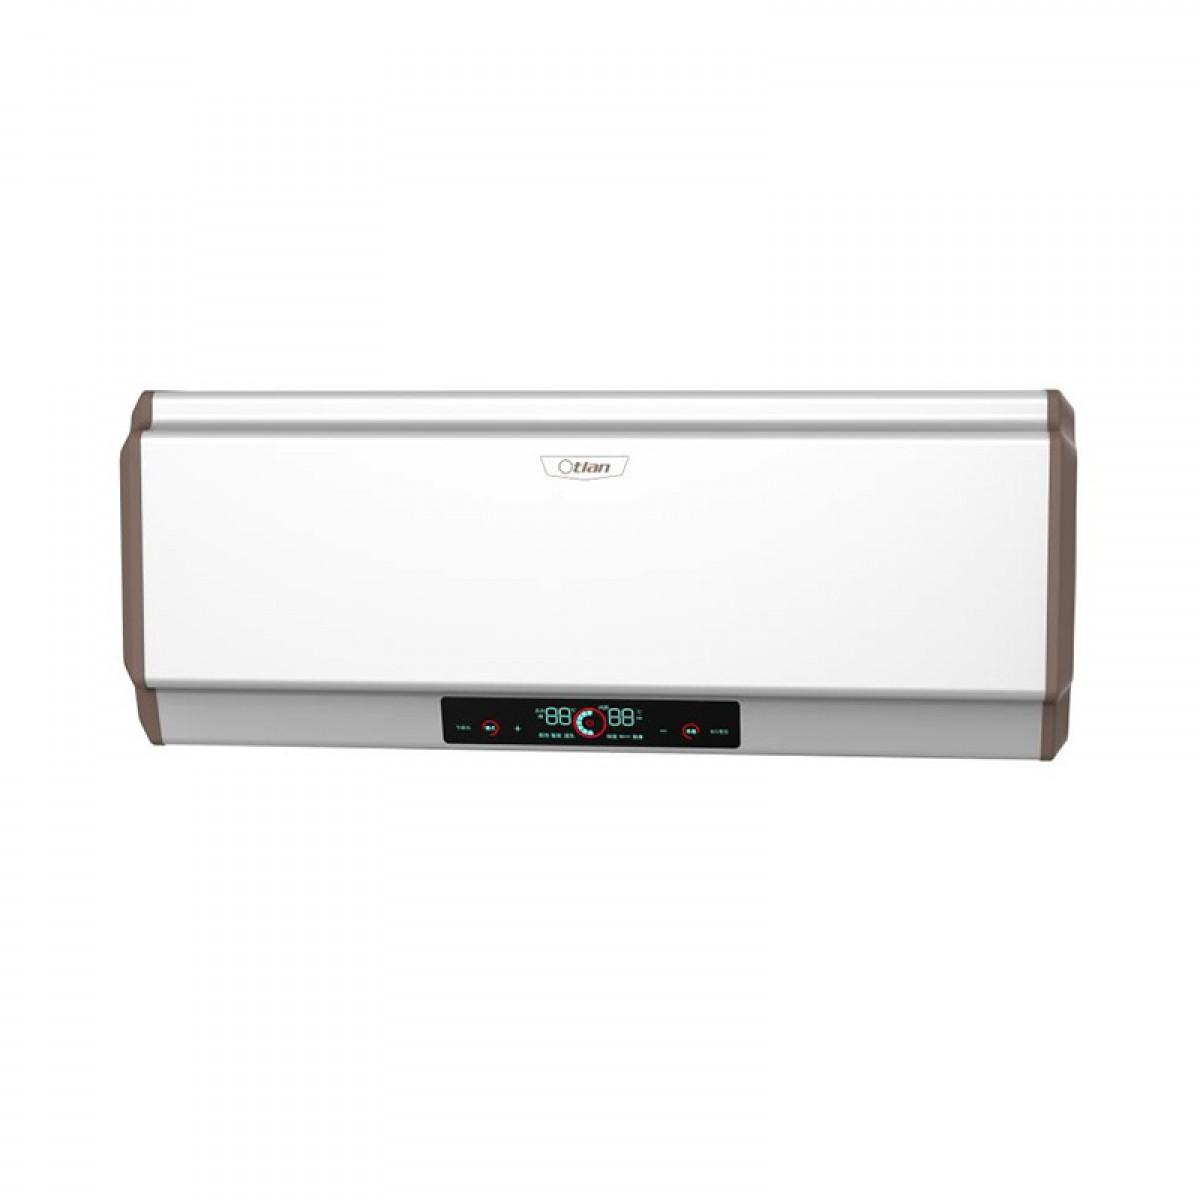 奥特朗 多模热水器 X2DH-EA55A 快速加热 多倍增容